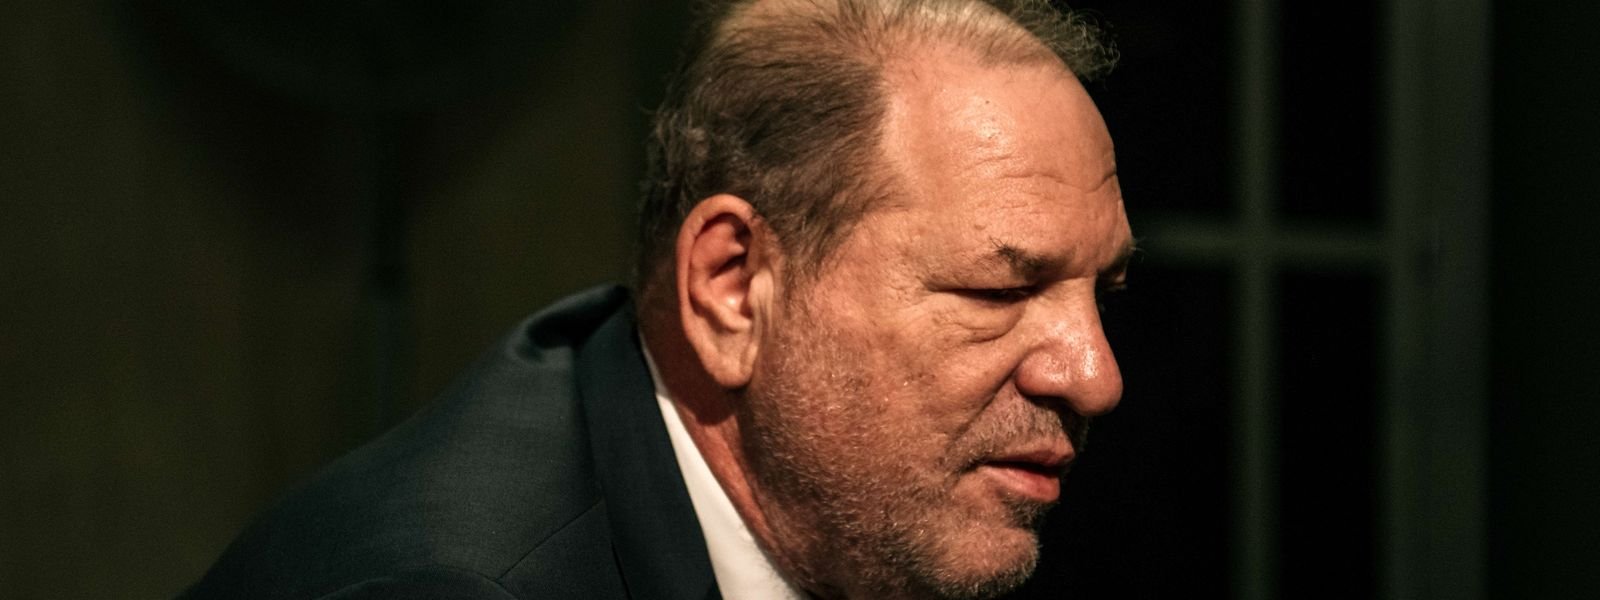 En attendant la durée de sa peine, Harvey Weinstein a été condamné ce lundi à New York.